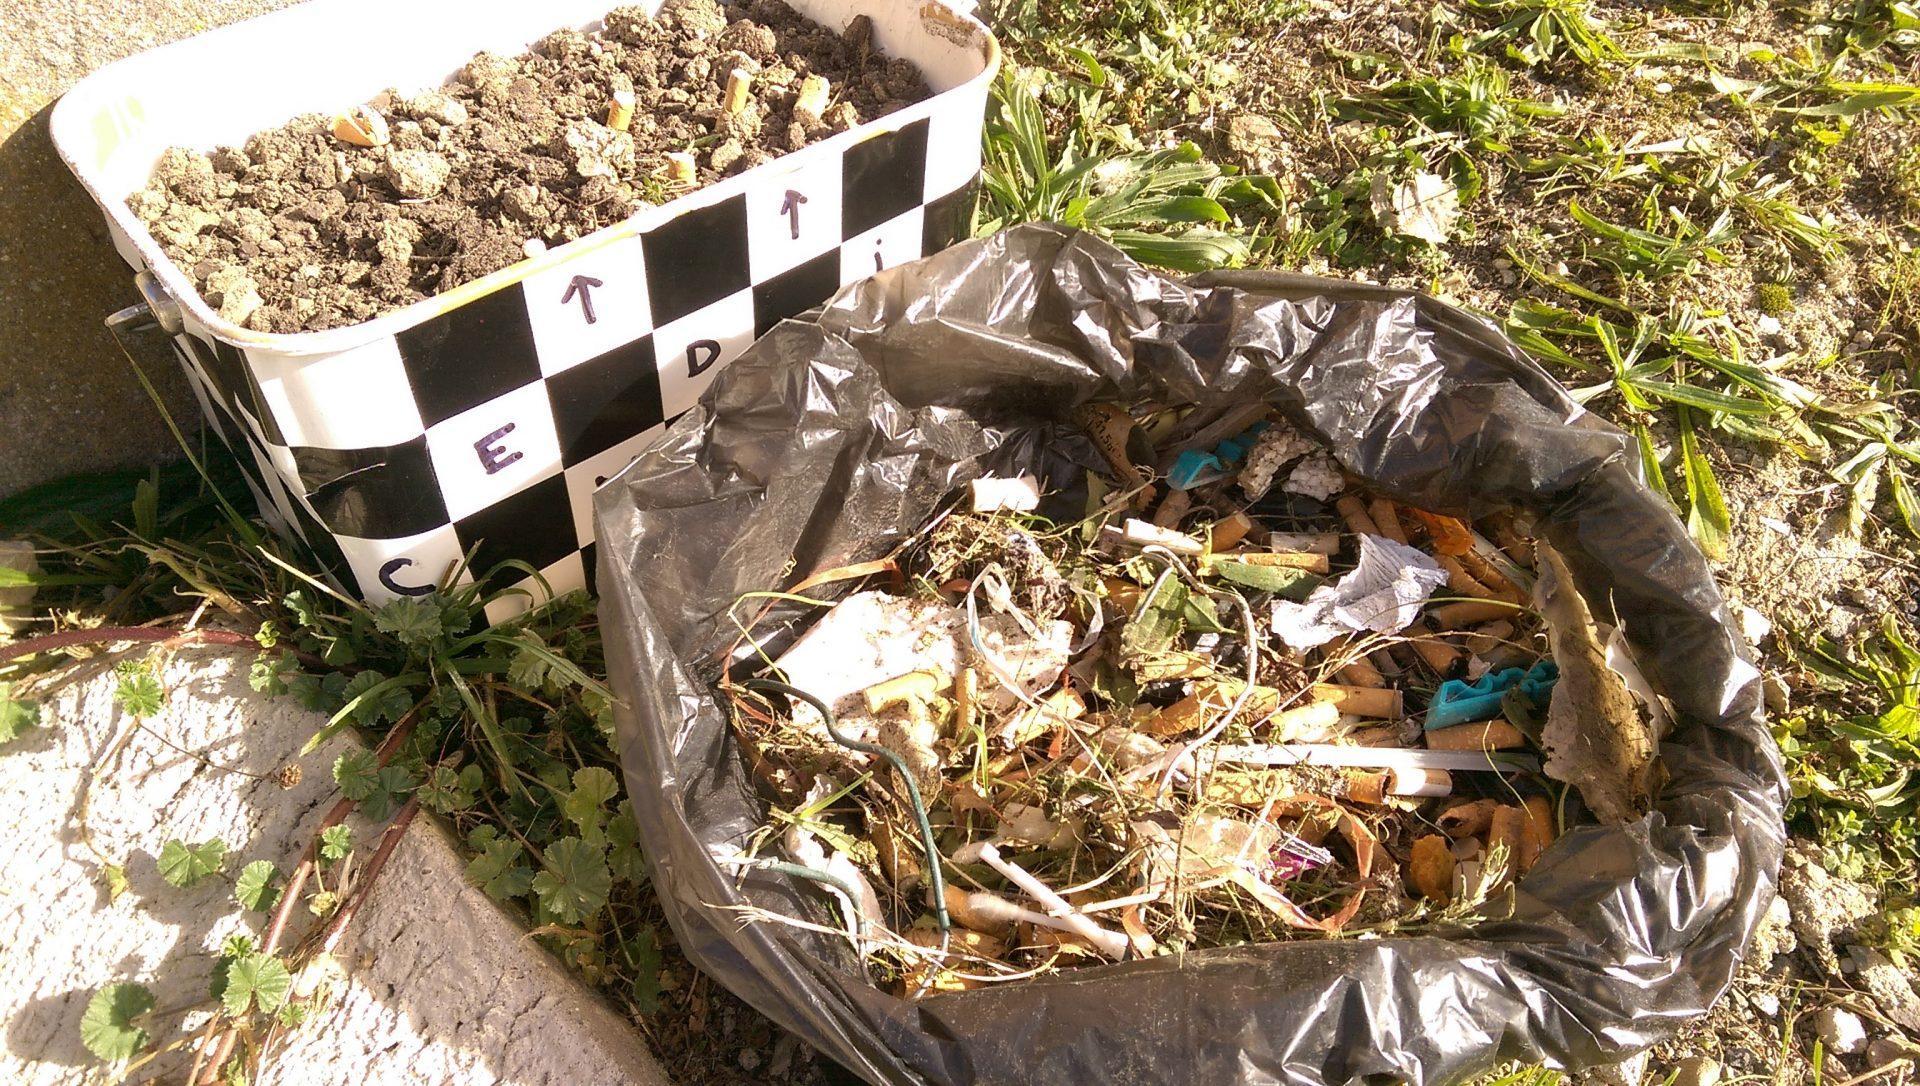 Un cendrier zéro déchet et recyclé - Crédit photo izart.fr